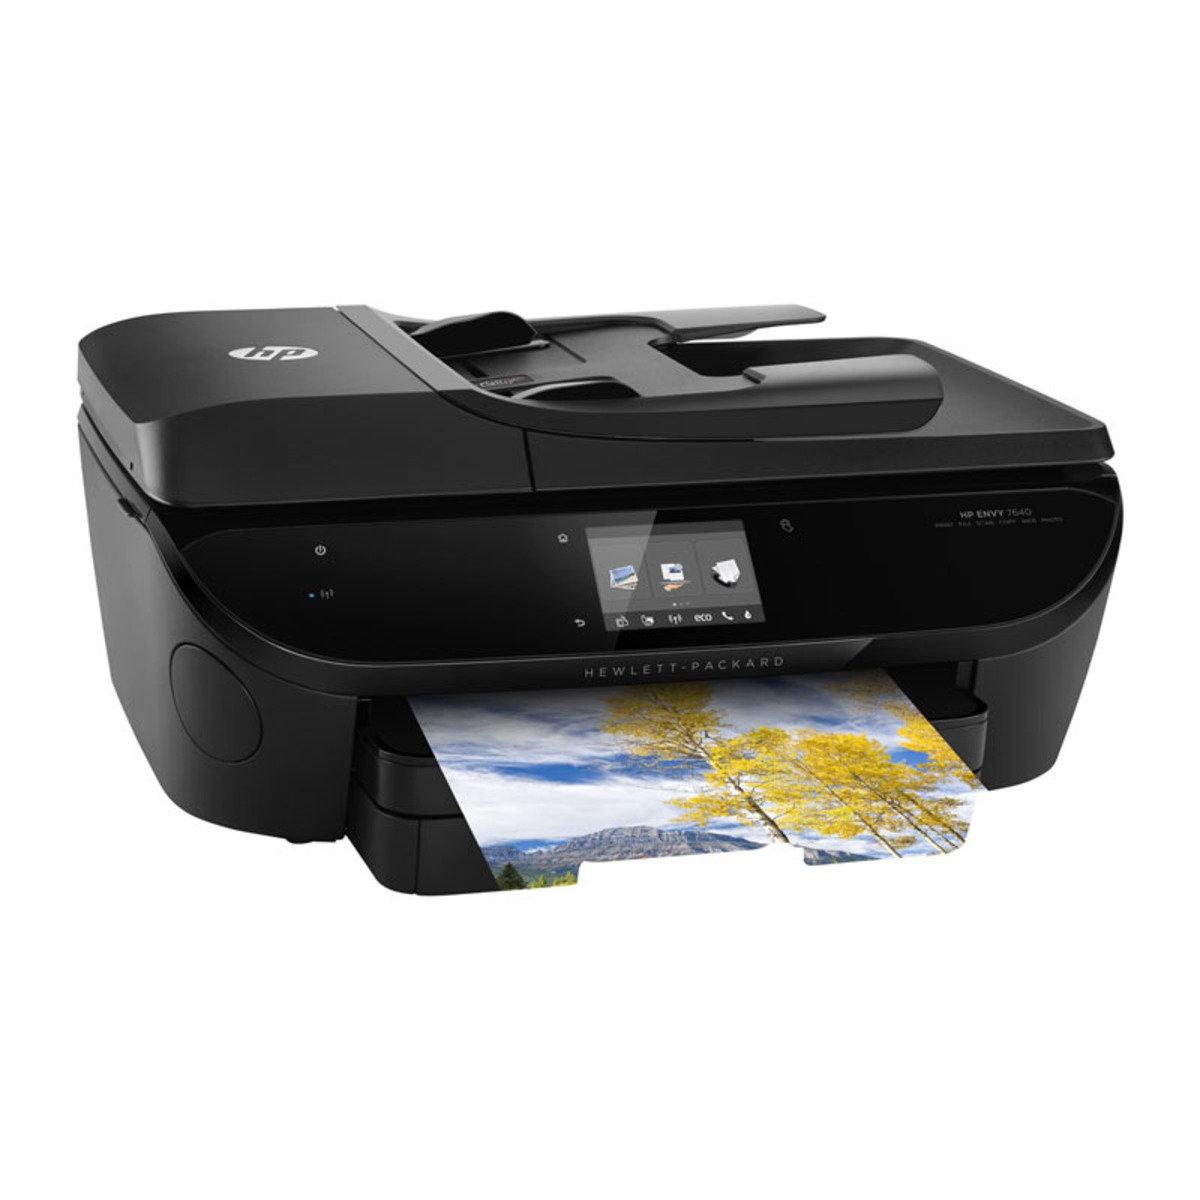 HP Envy 相片及文件多合一打印機 ENVY 7640